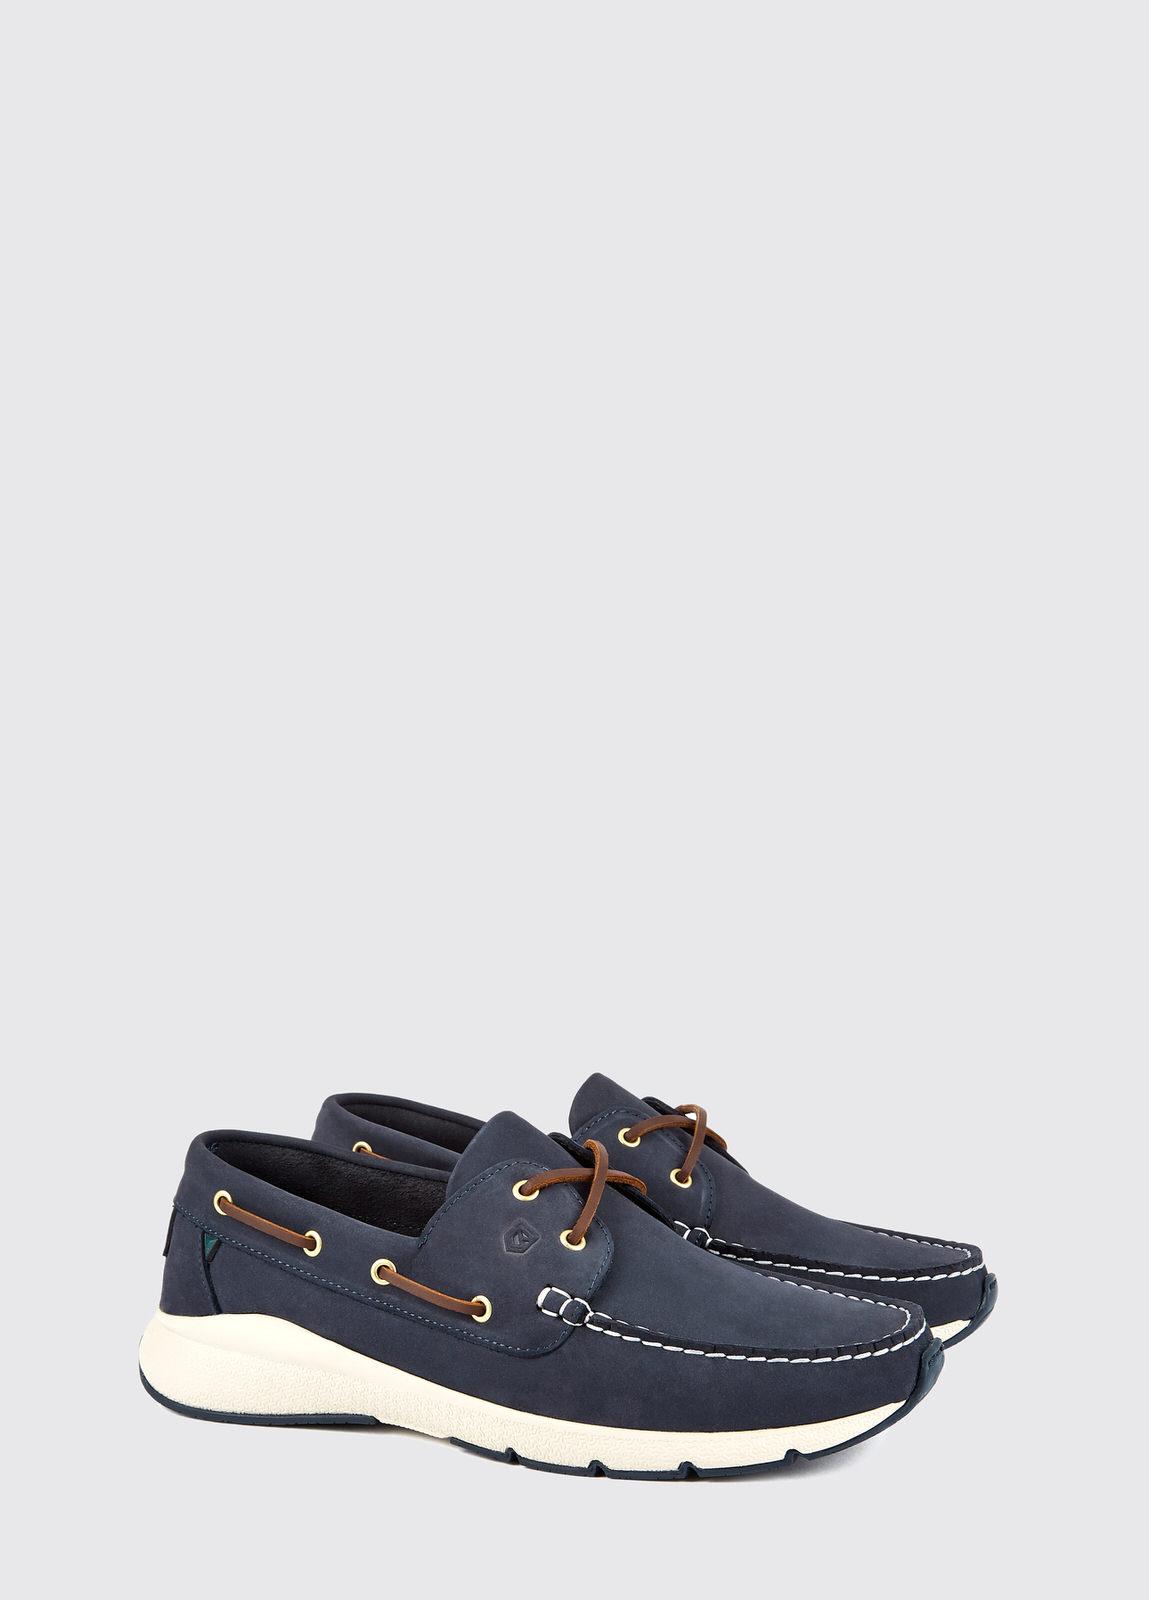 Dungarvan Lightweight Deck Shoe - Denim